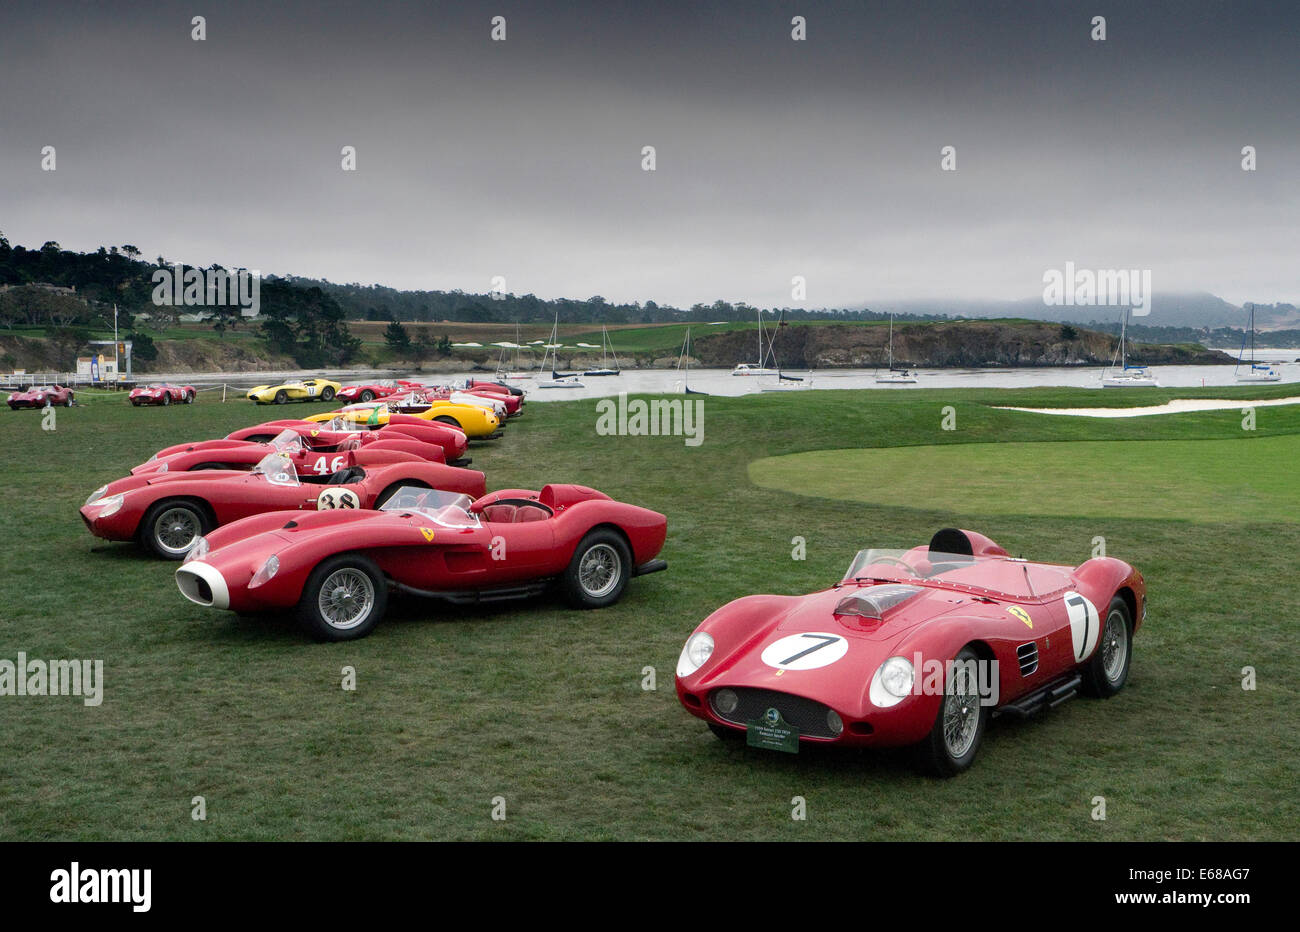 Sport Car Racing Racing Cars Ferrari B Collection